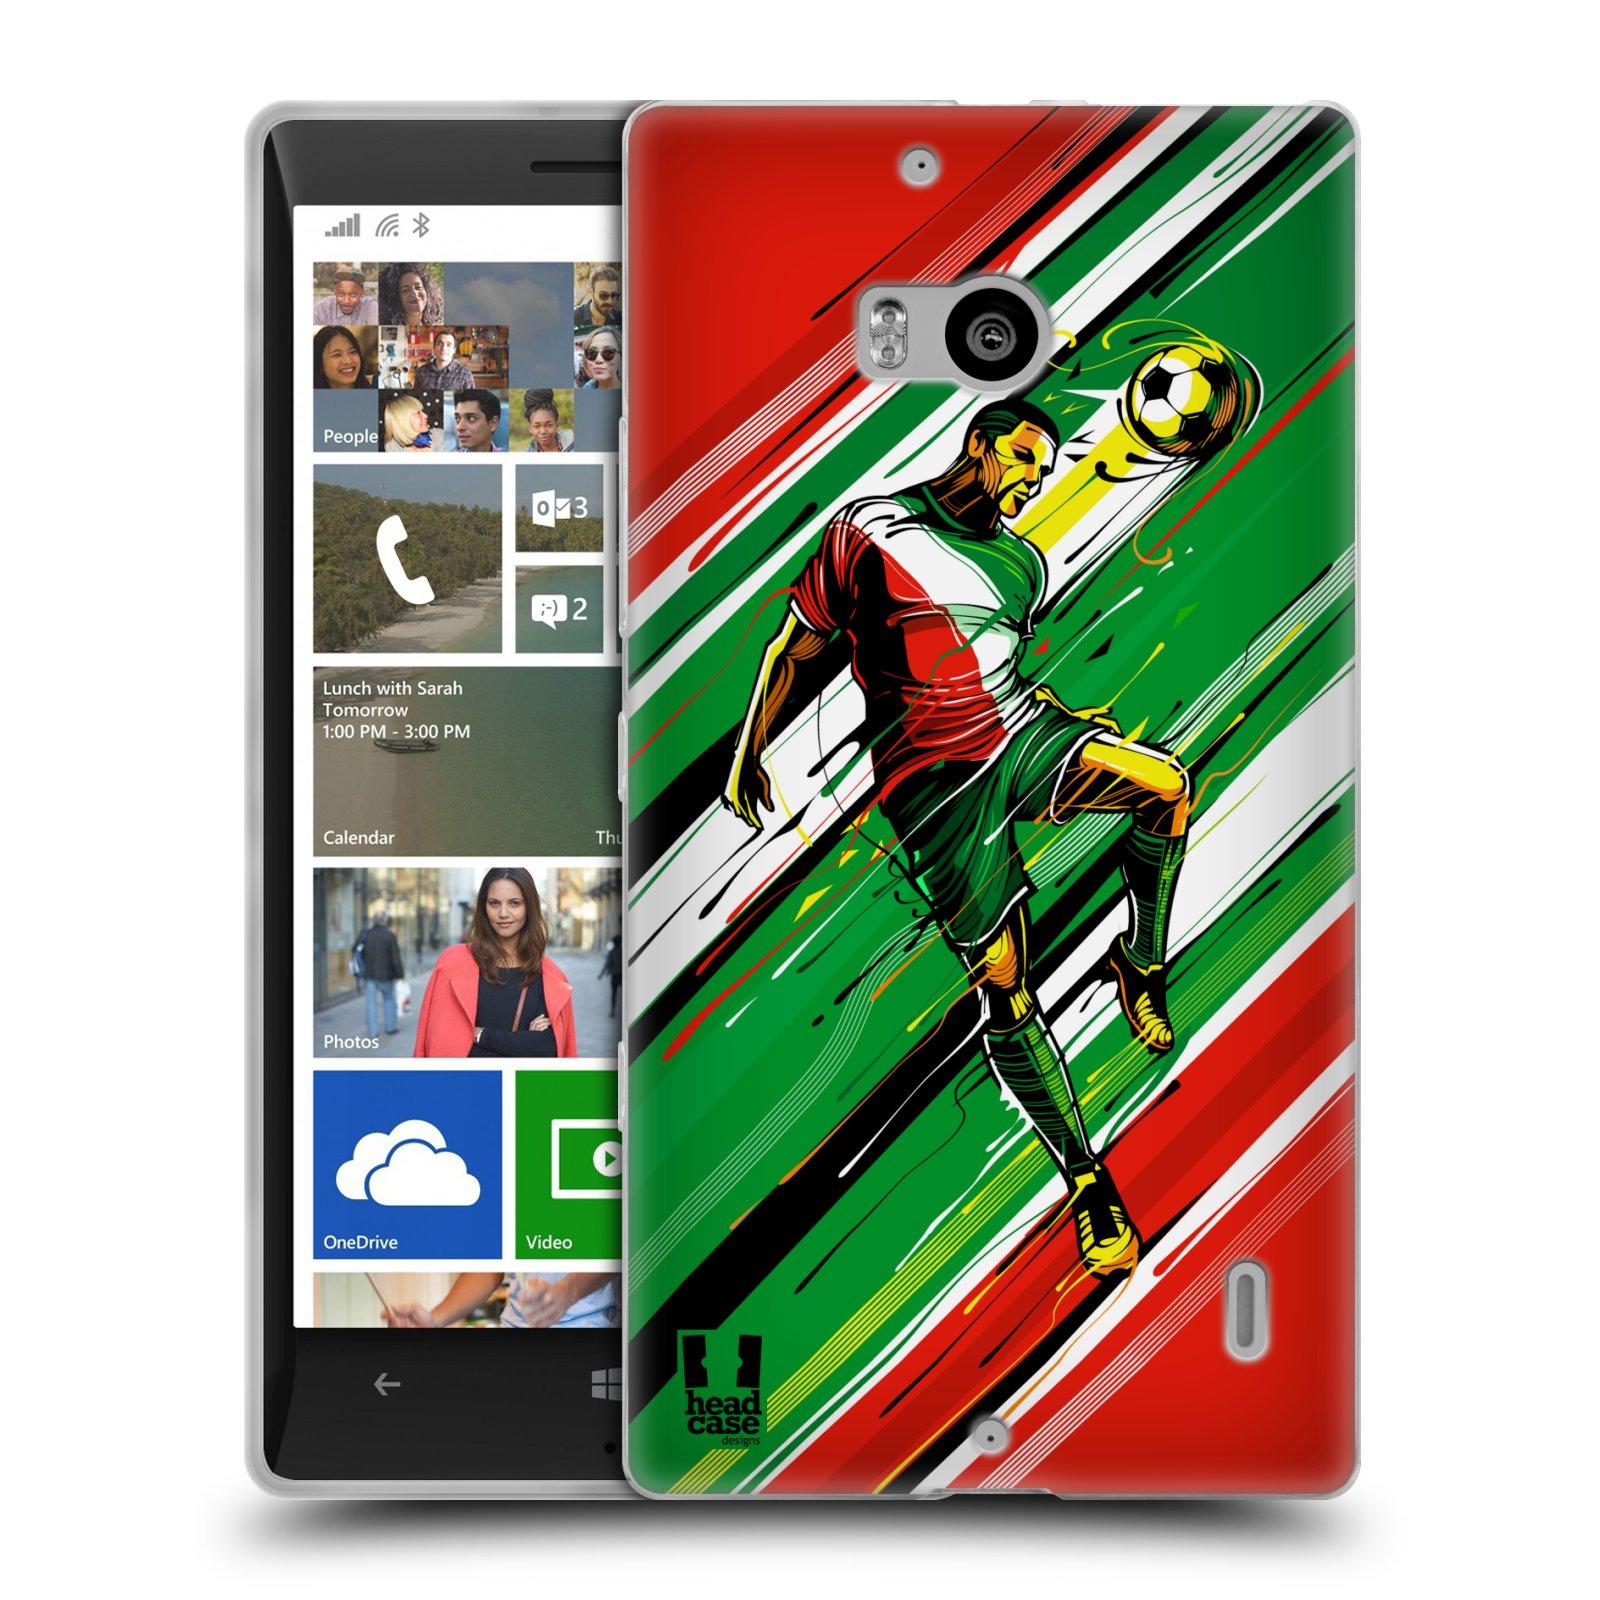 Silikonové pouzdro na mobil Nokia Lumia 930 HEAD CASE HLAVIČKA (Silikonový kryt či obal na mobilní telefon Nokia Lumia 930)